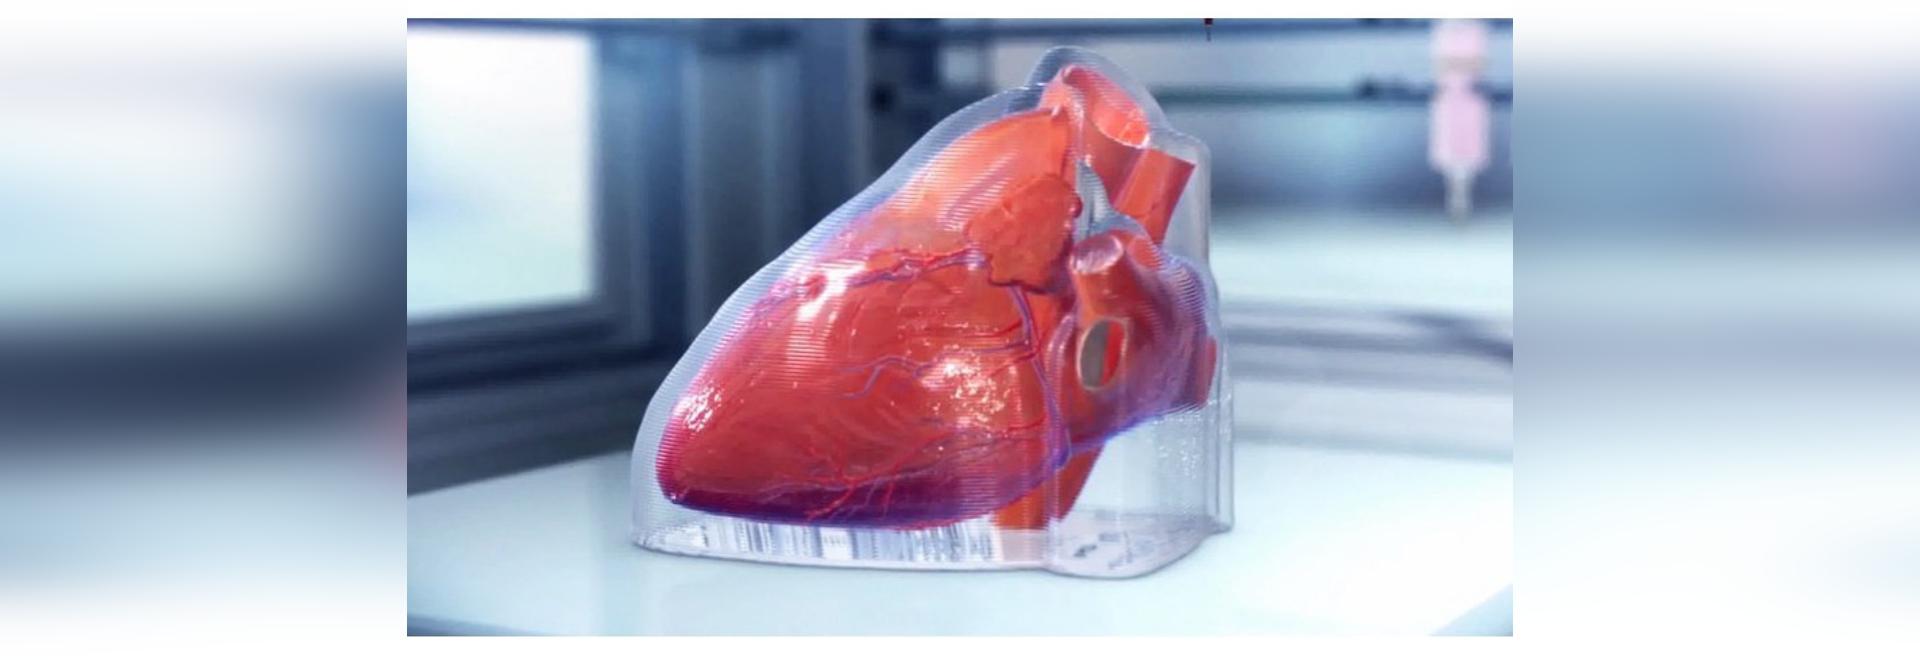 une société de biotechnologie basée à Chicago a imprimé en 3D un coeur humain miniature